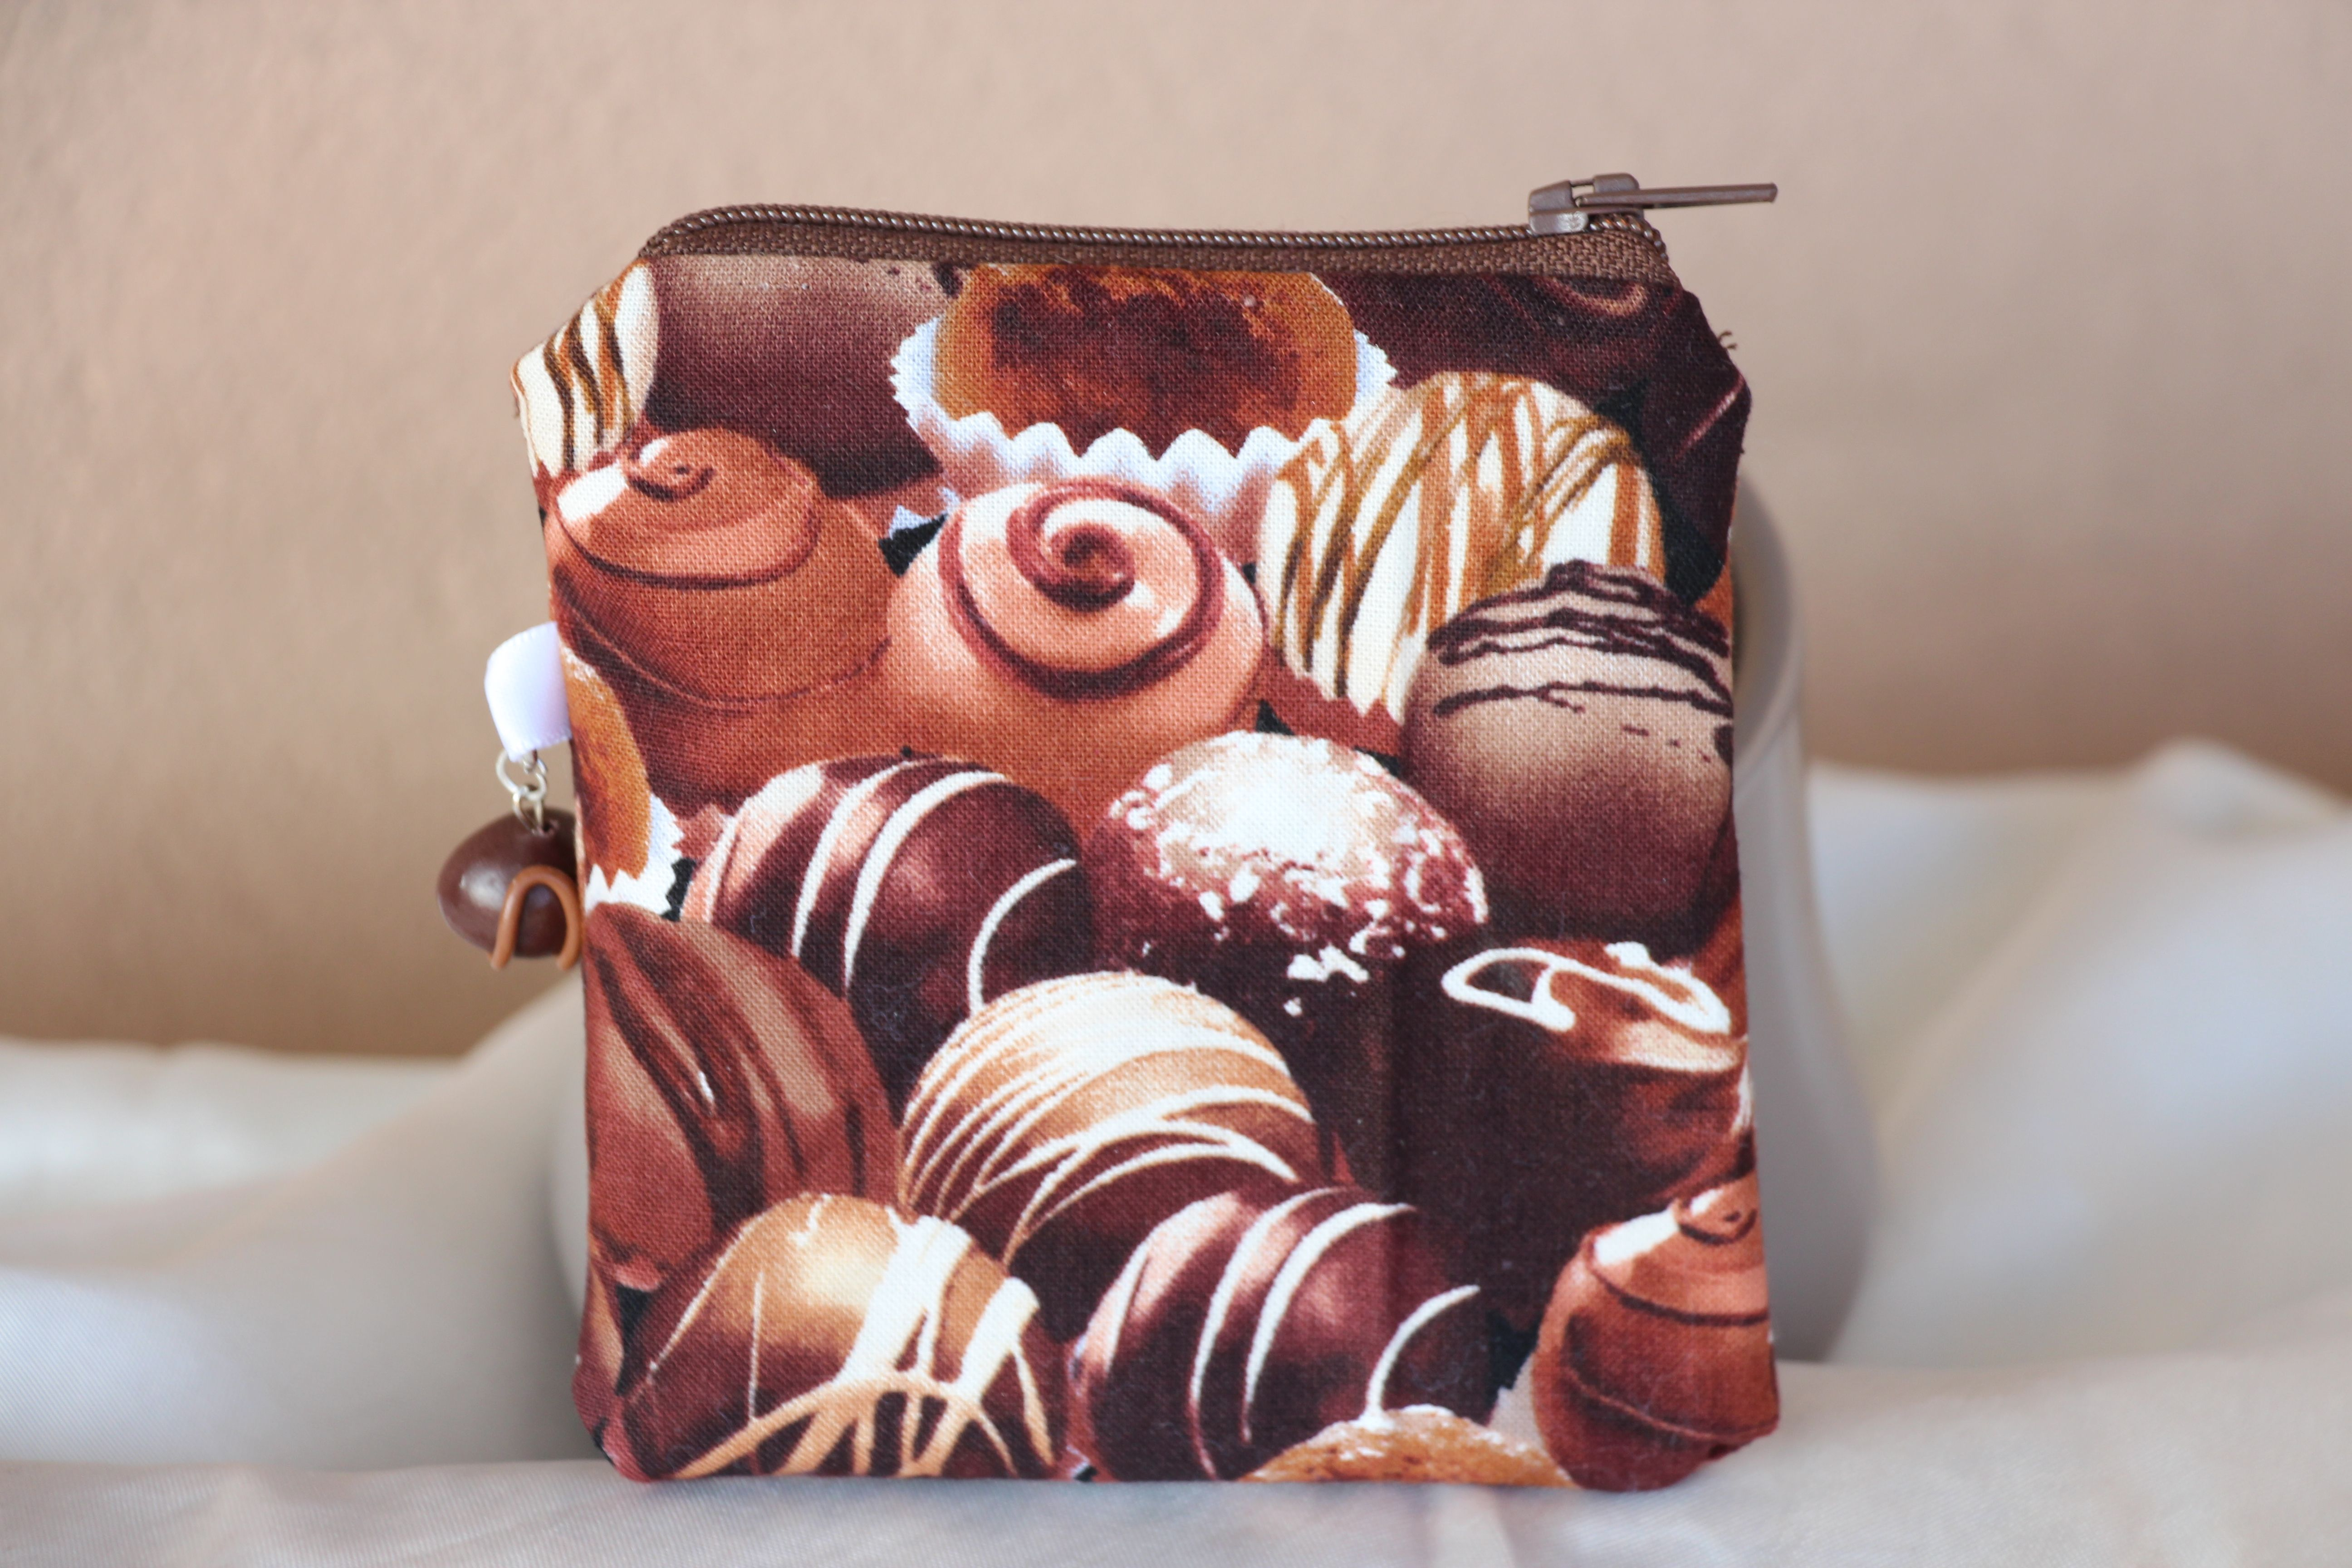 Porte-monnaie chocolats avec breloque Fimo.  Réalisé à la main.